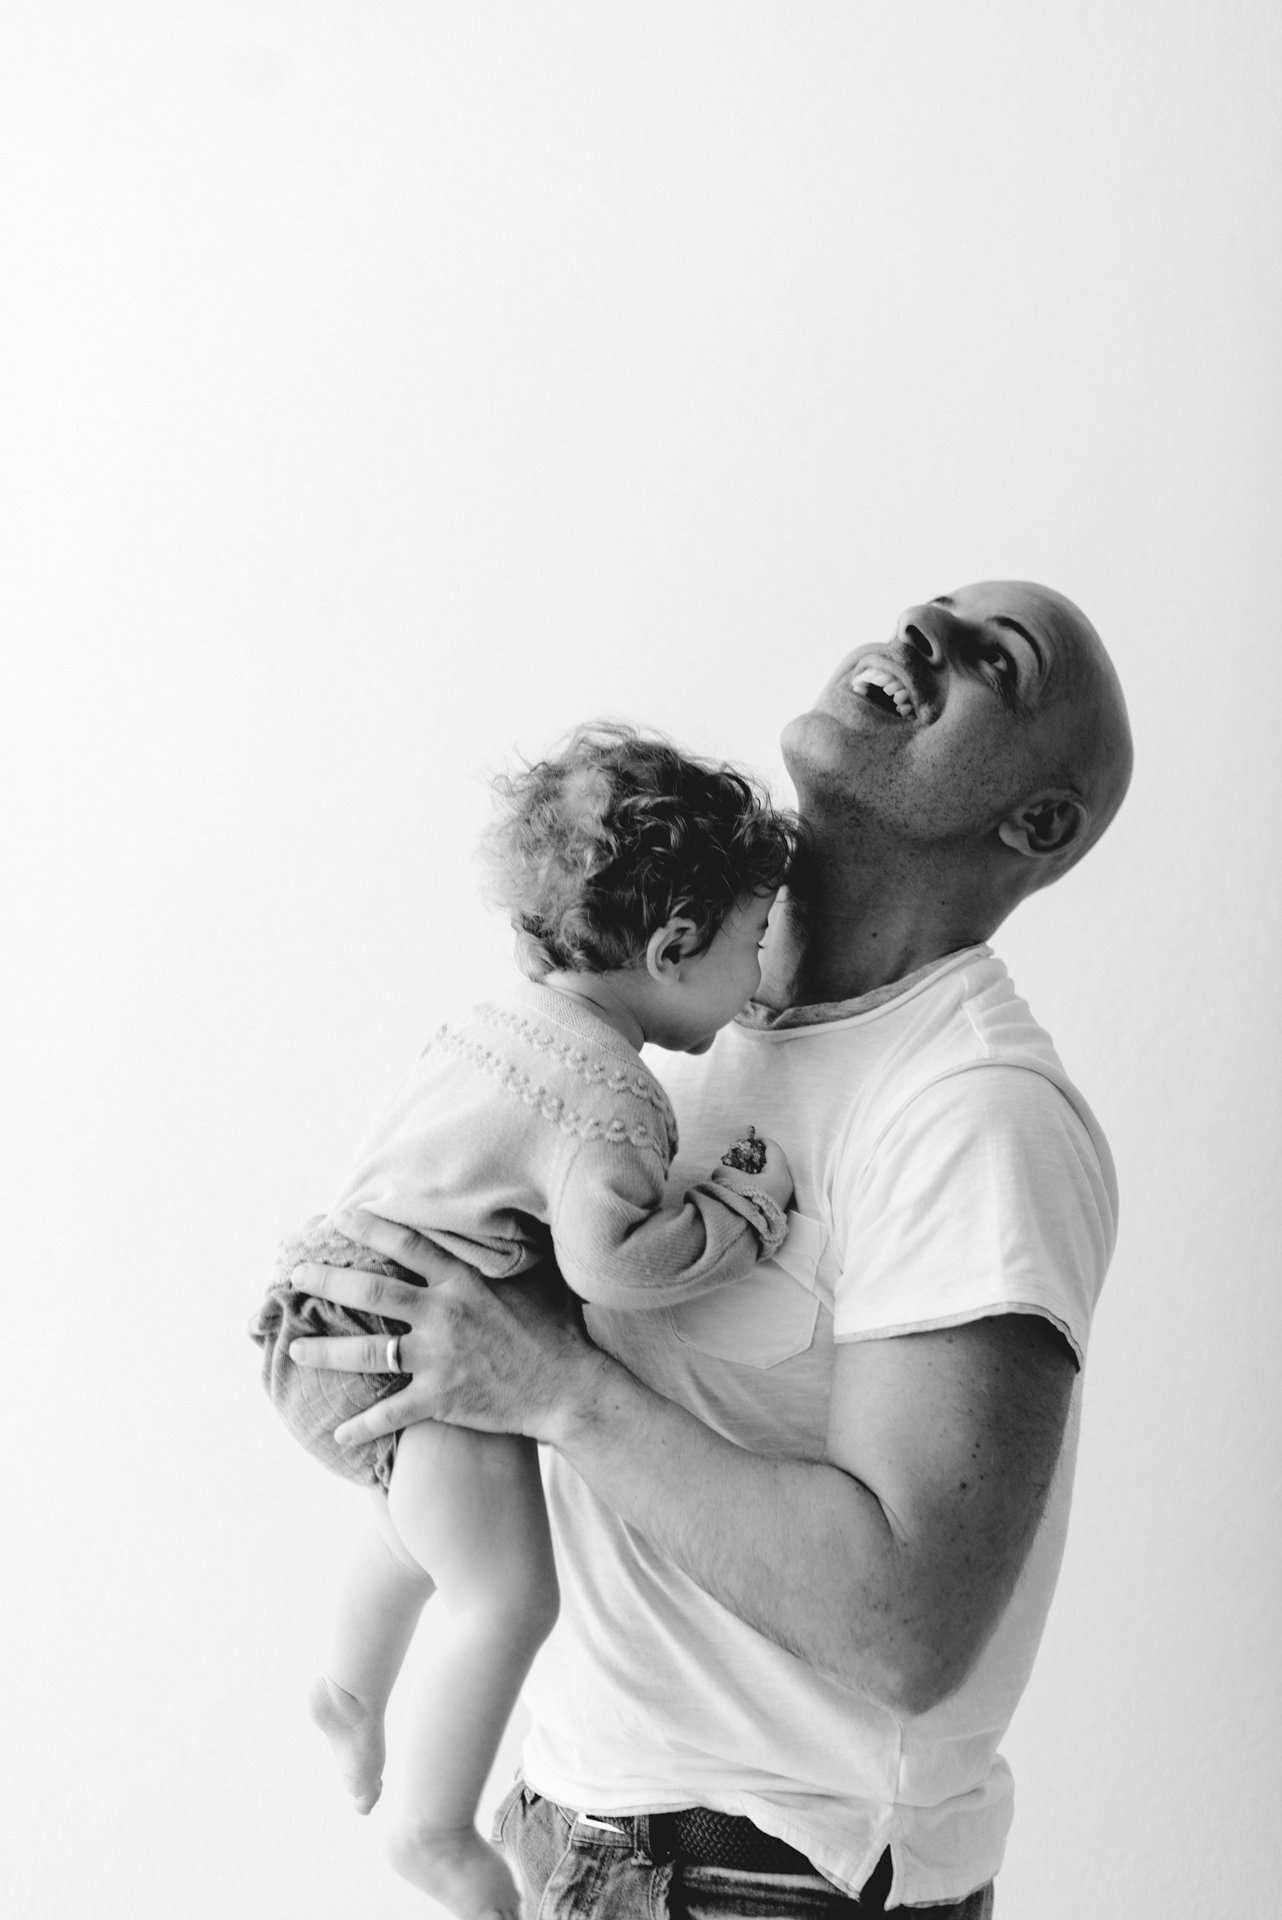 Fotografia bimba capelli ricci con papà realizzato da Barbara Trincone Fotografo specializzato in Gravidanza, Maternità, Genitorialità, Nascita e Newborn